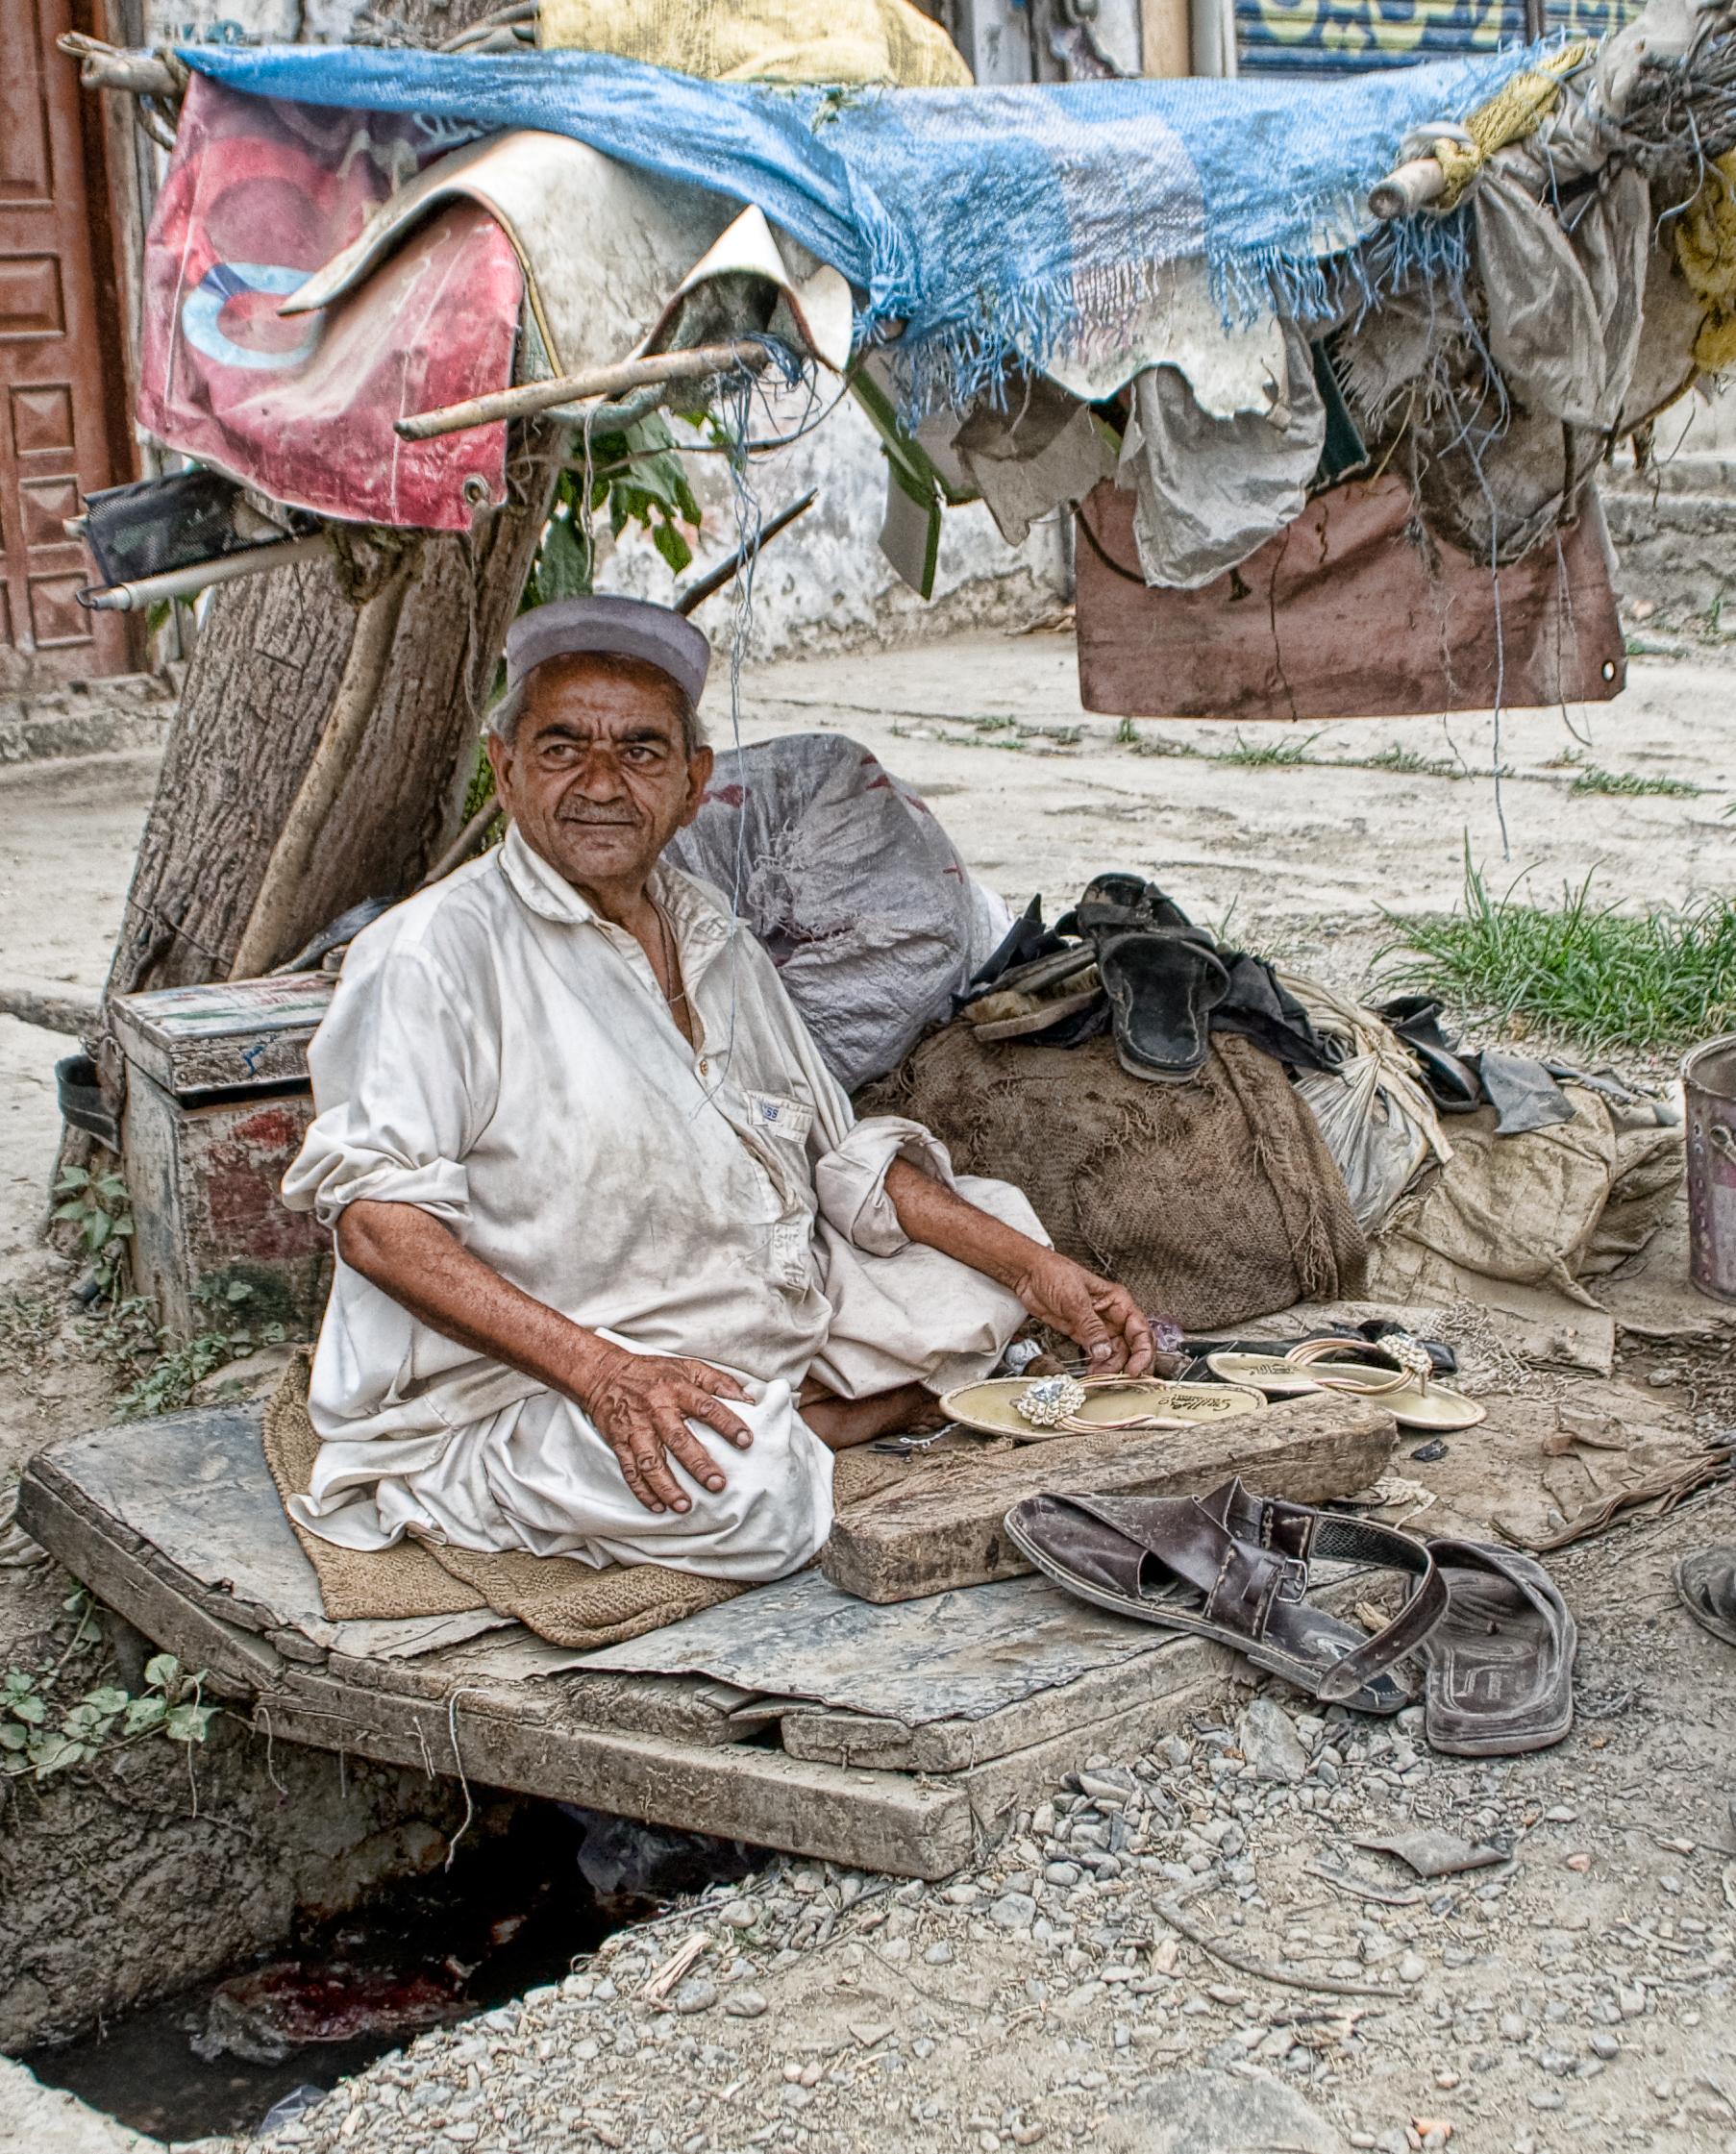 A street cobbler called Roshan Deen from Haripur